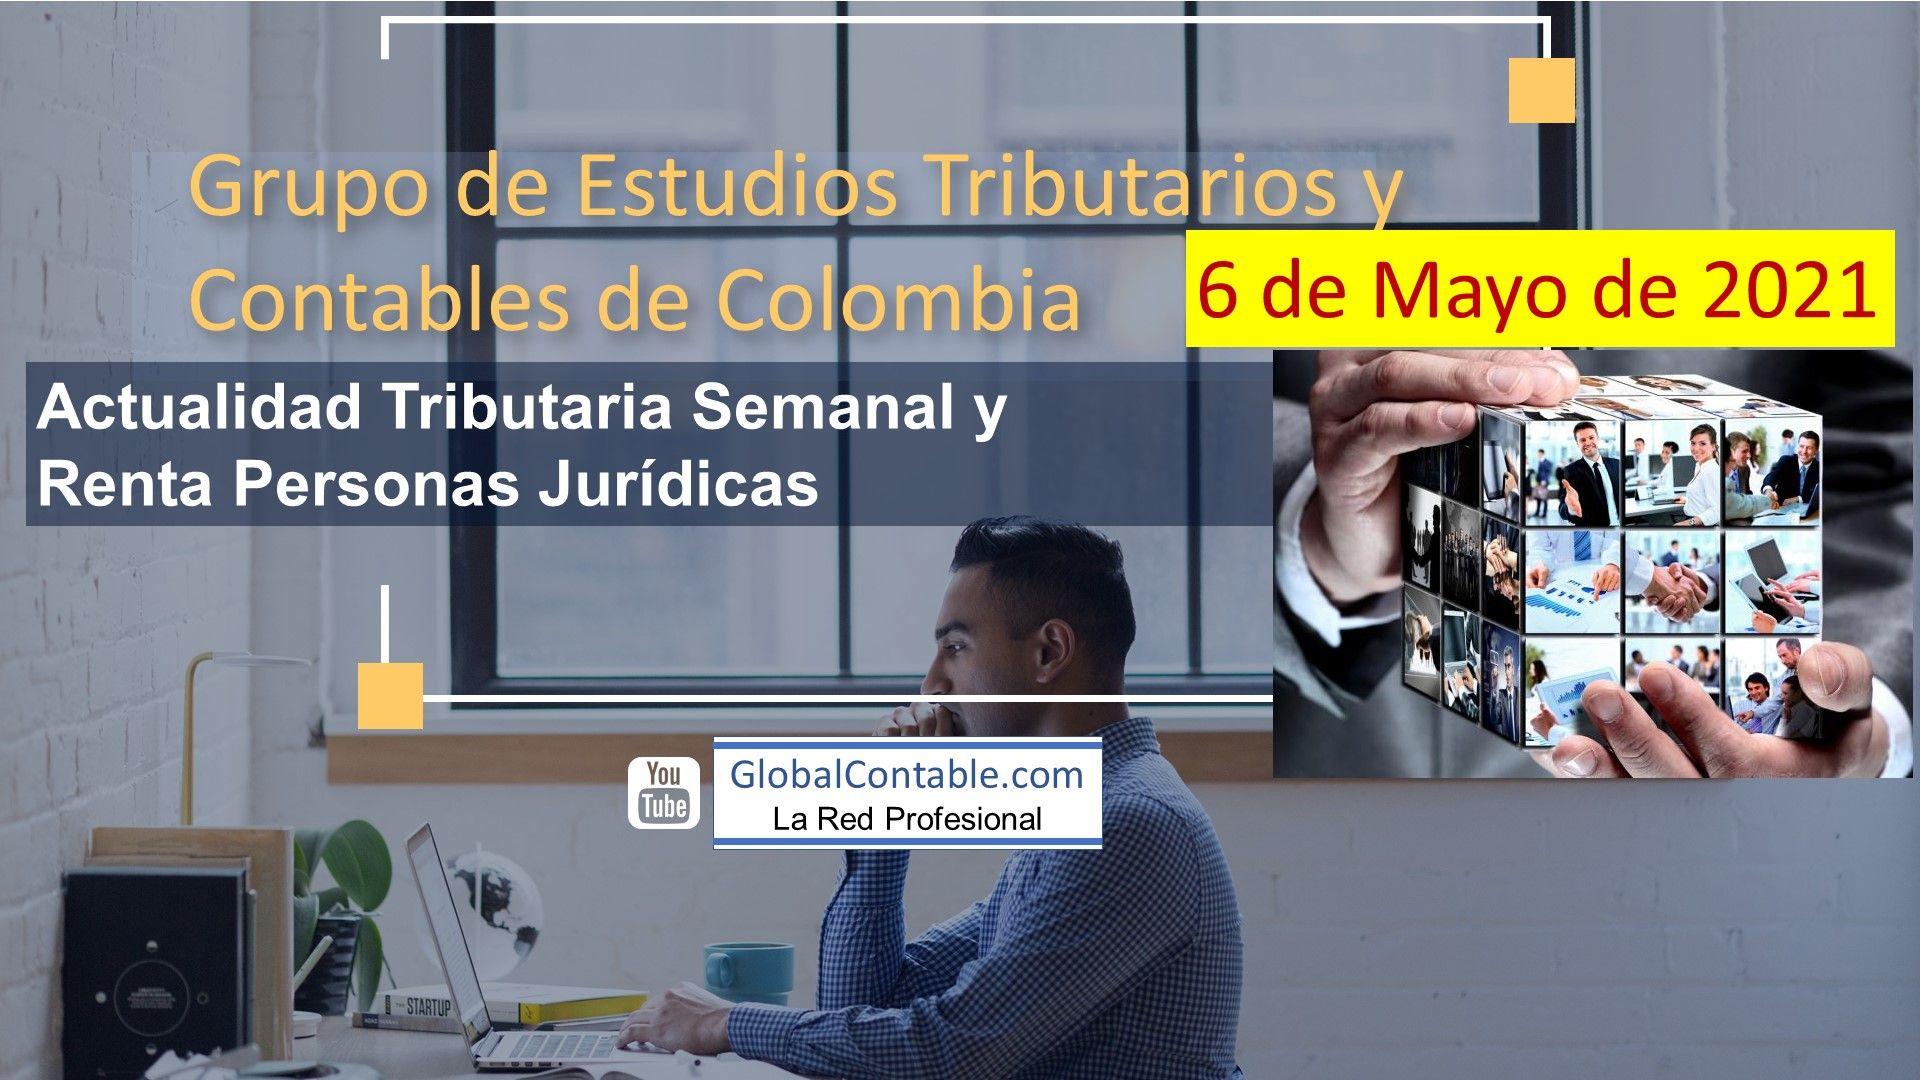 Grupo de Estudios Tributarios y Contables 6 de mayo de 2021